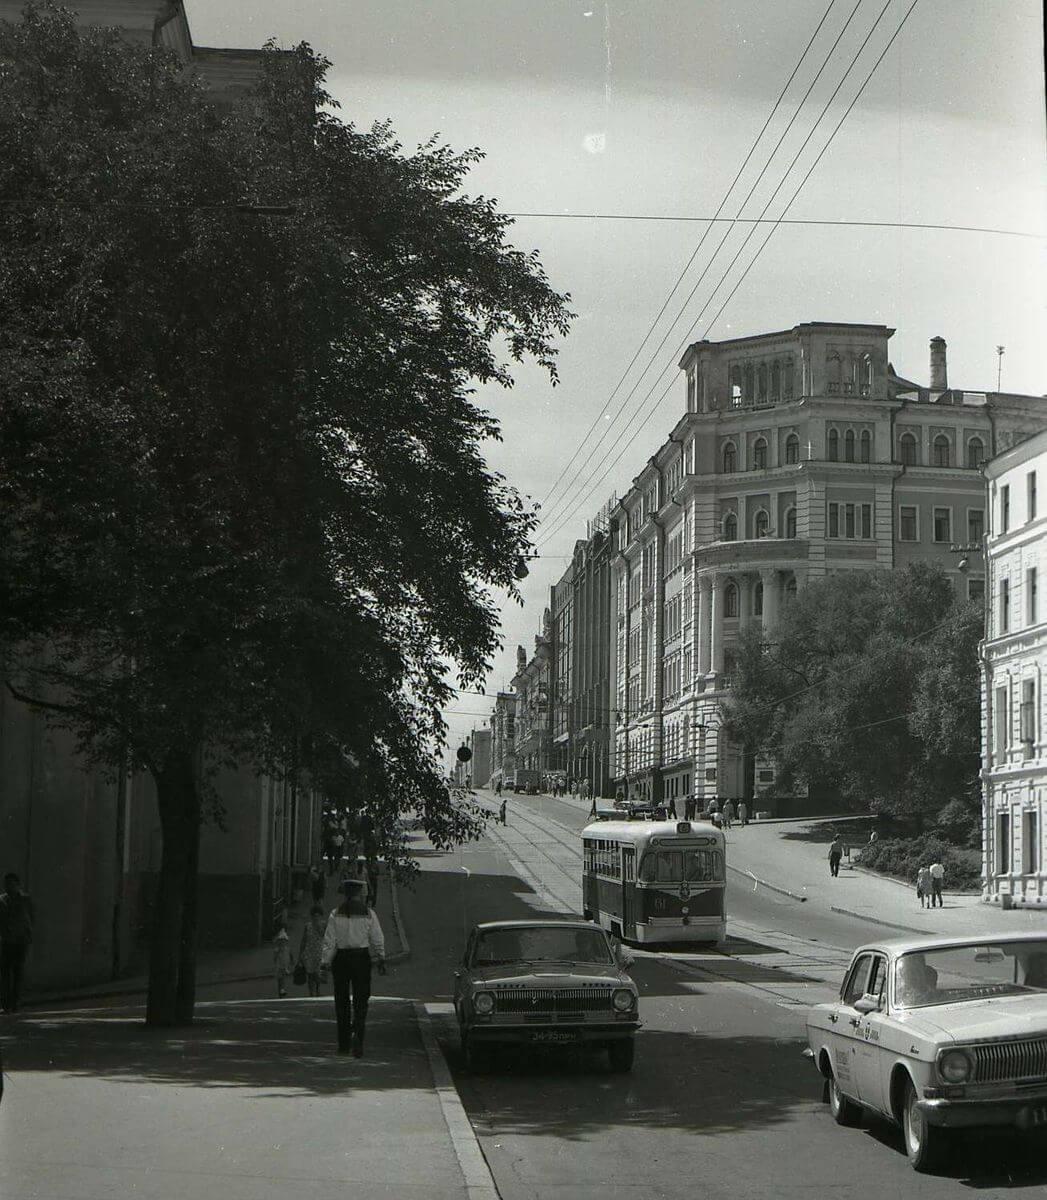 Улица Ленинская. Вид на здание Крайкома КПСС. 1972 год.